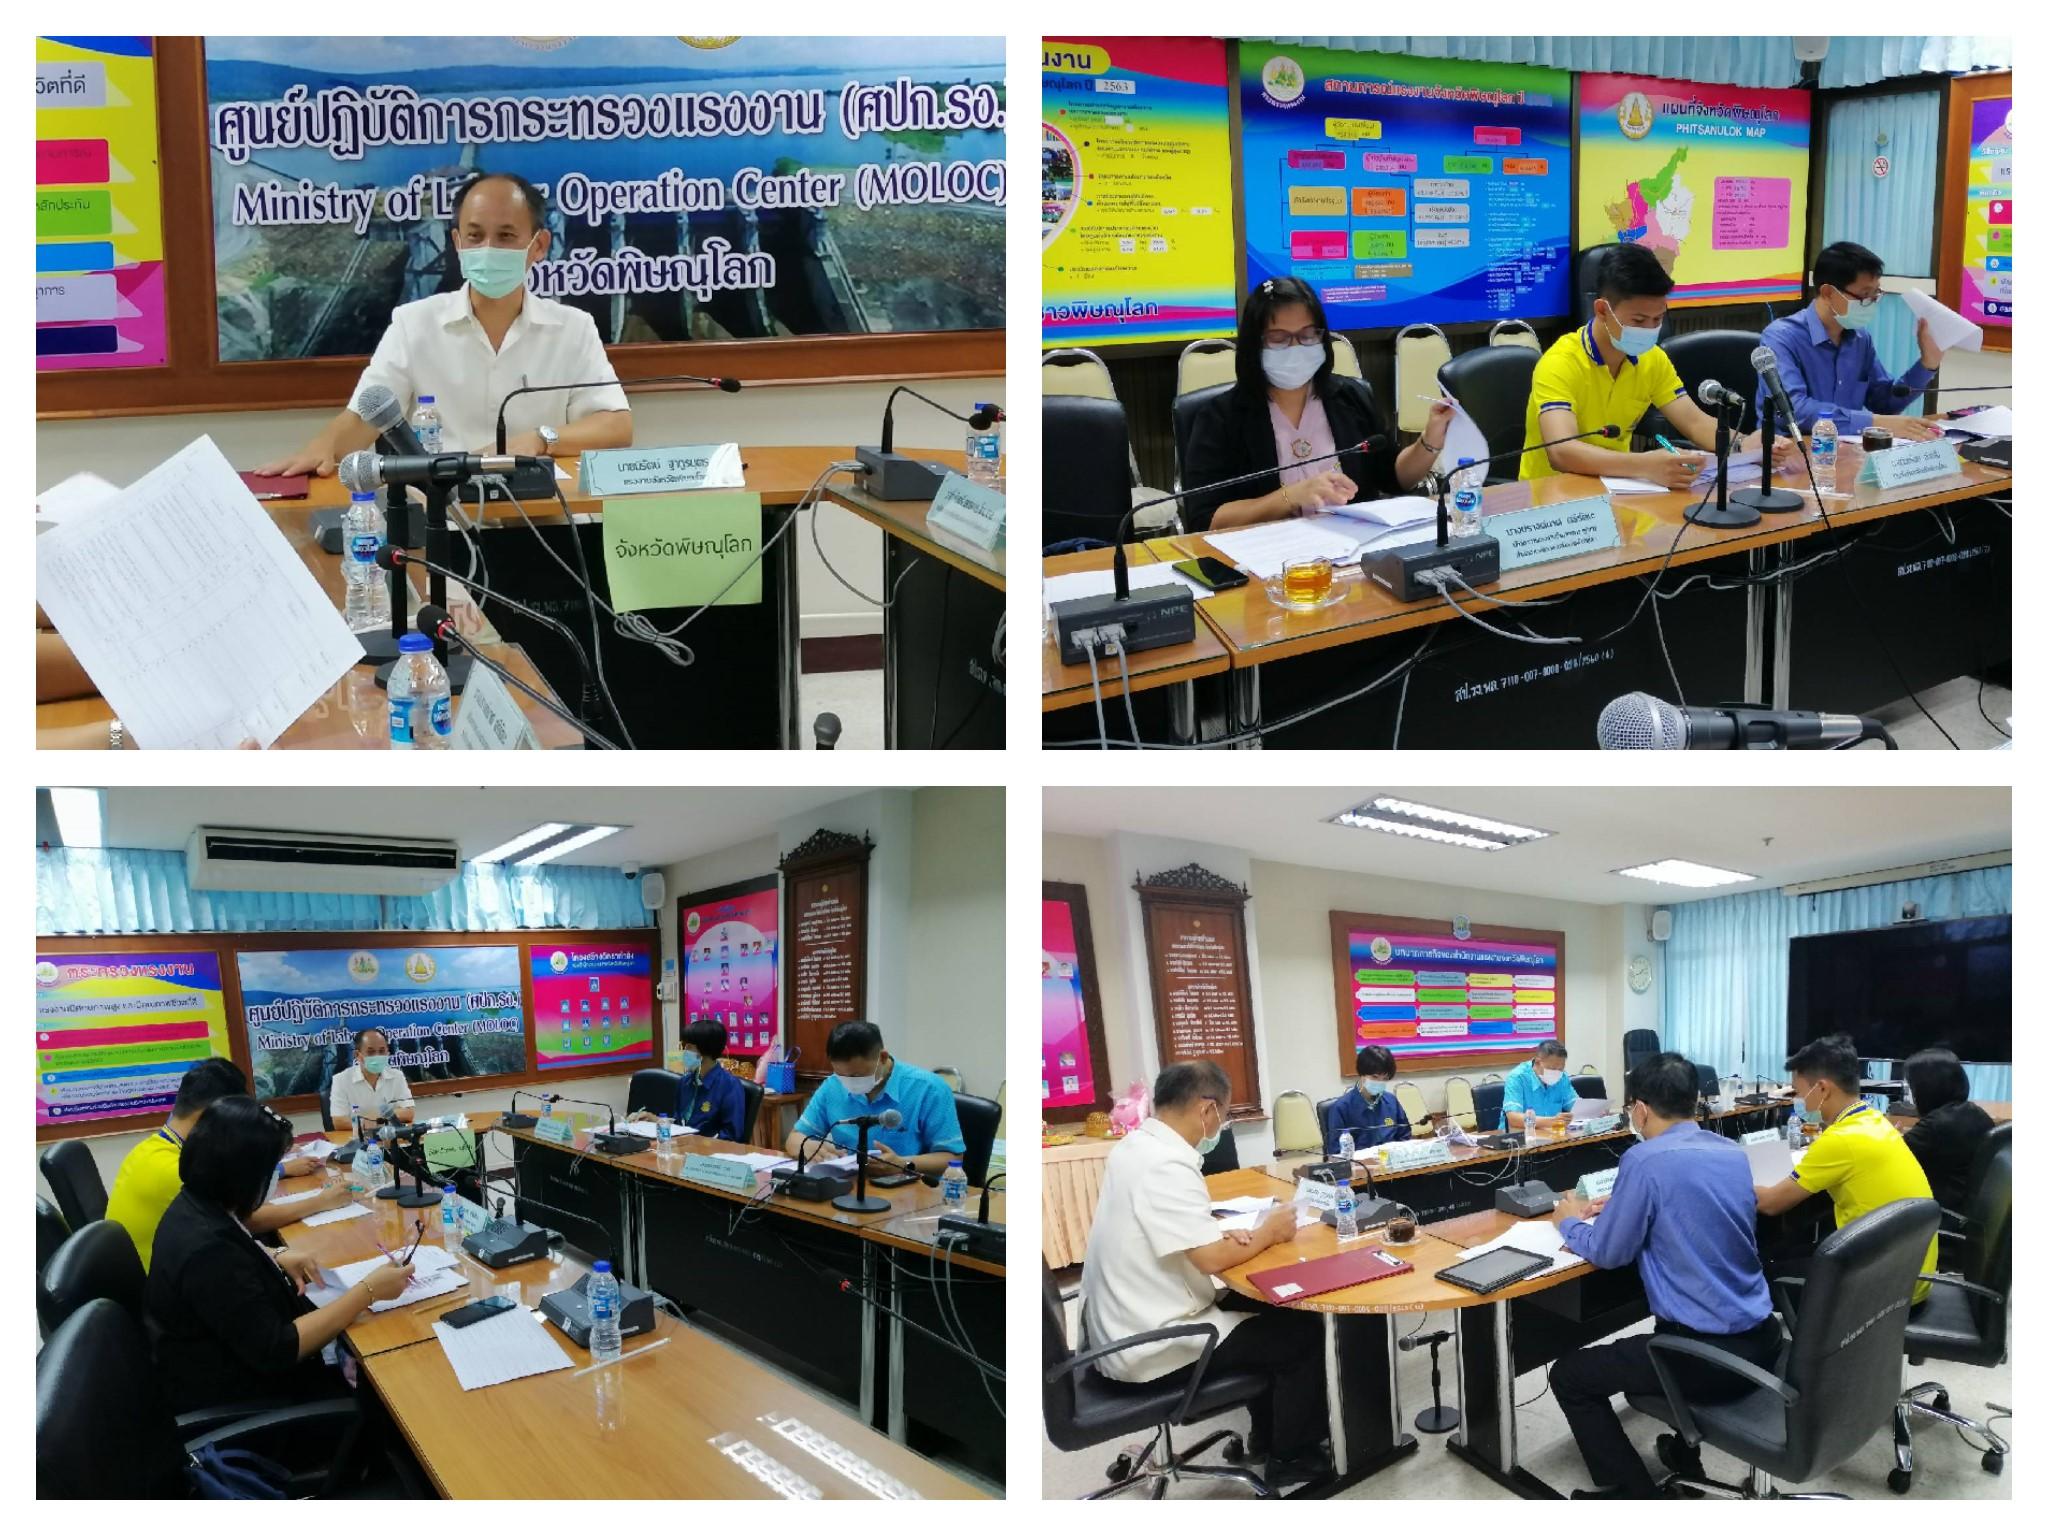 สำนักงานแรงงานจังหวัดพิษณุโลก จัดประชุมคณะทำงานศูนย์ประสานงานและสนับสนุนเครือข่ายแรงงานนอกระบบจังหวัดพิษณุโลก ครั้งที่ 2/2564